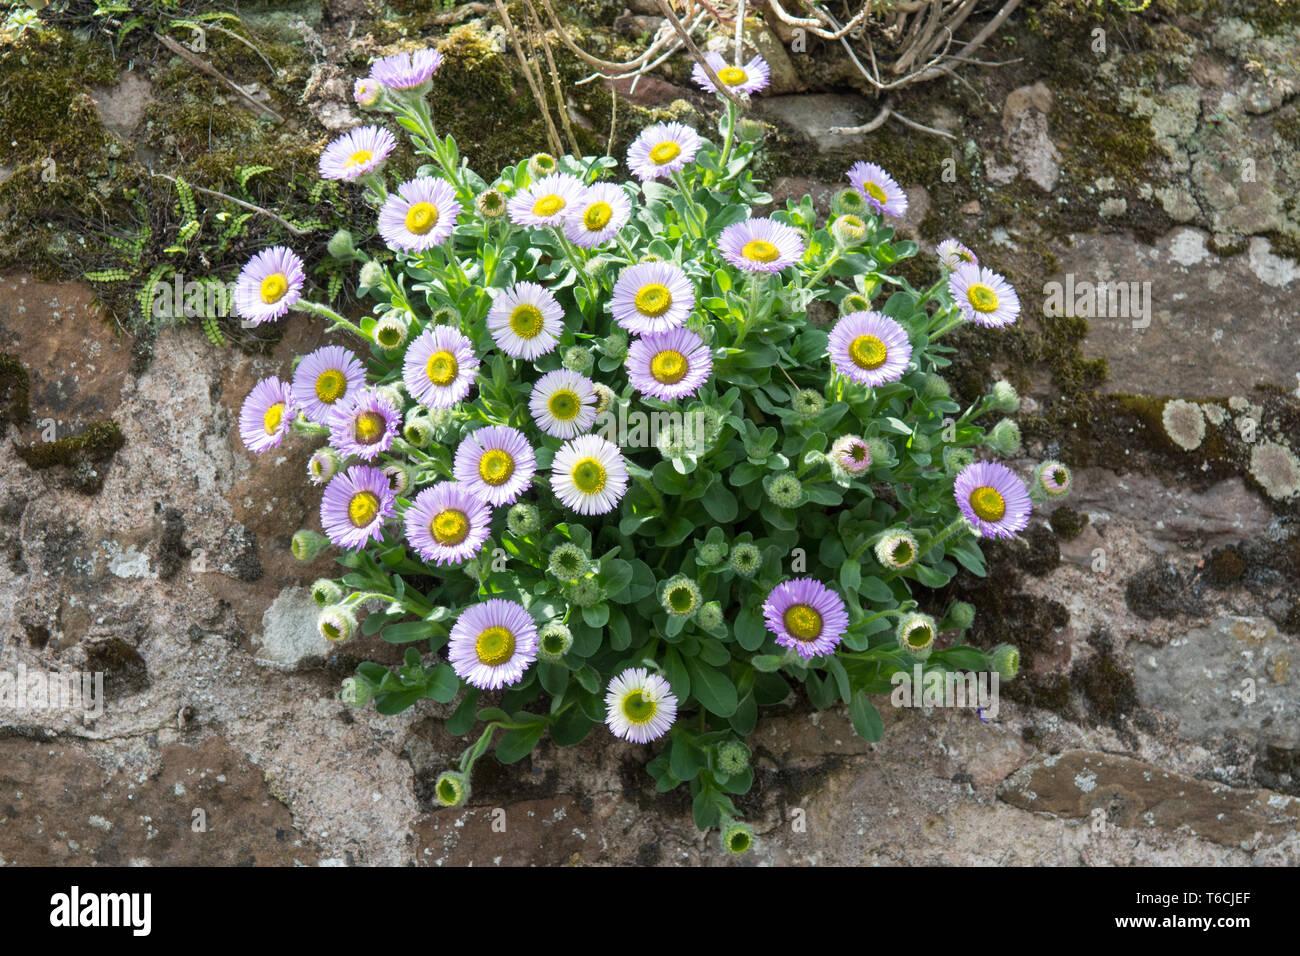 Erigeron Glaucus oder Seaside daisy oder fleabane Pflanze, die auf eine Wand-UK Stockfoto